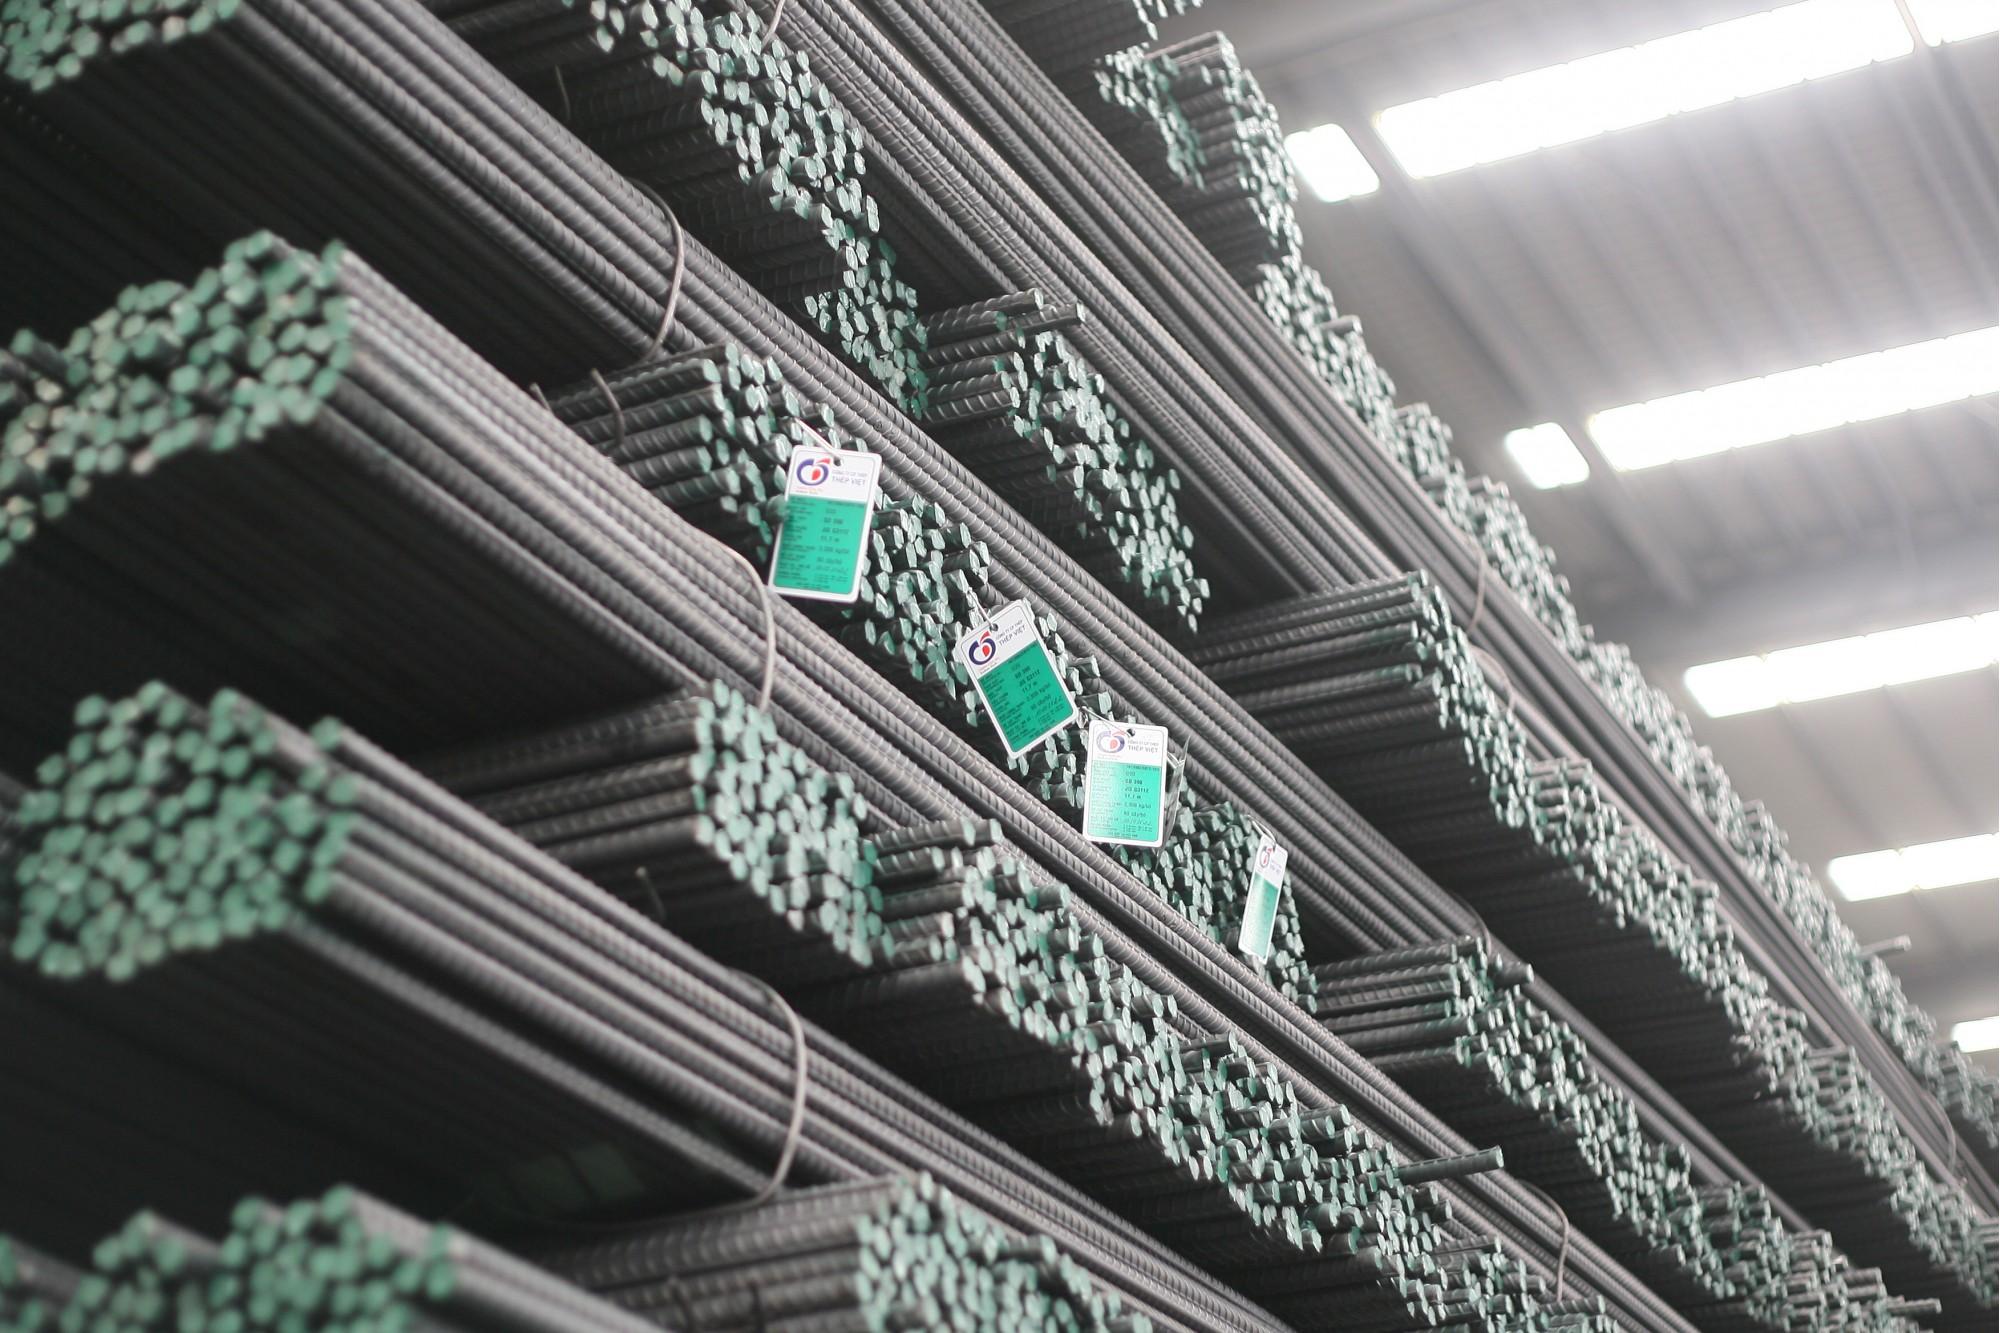 Thép Pomina (POM) báo lãi hơn 209 tỷ đồng quý 1/2018